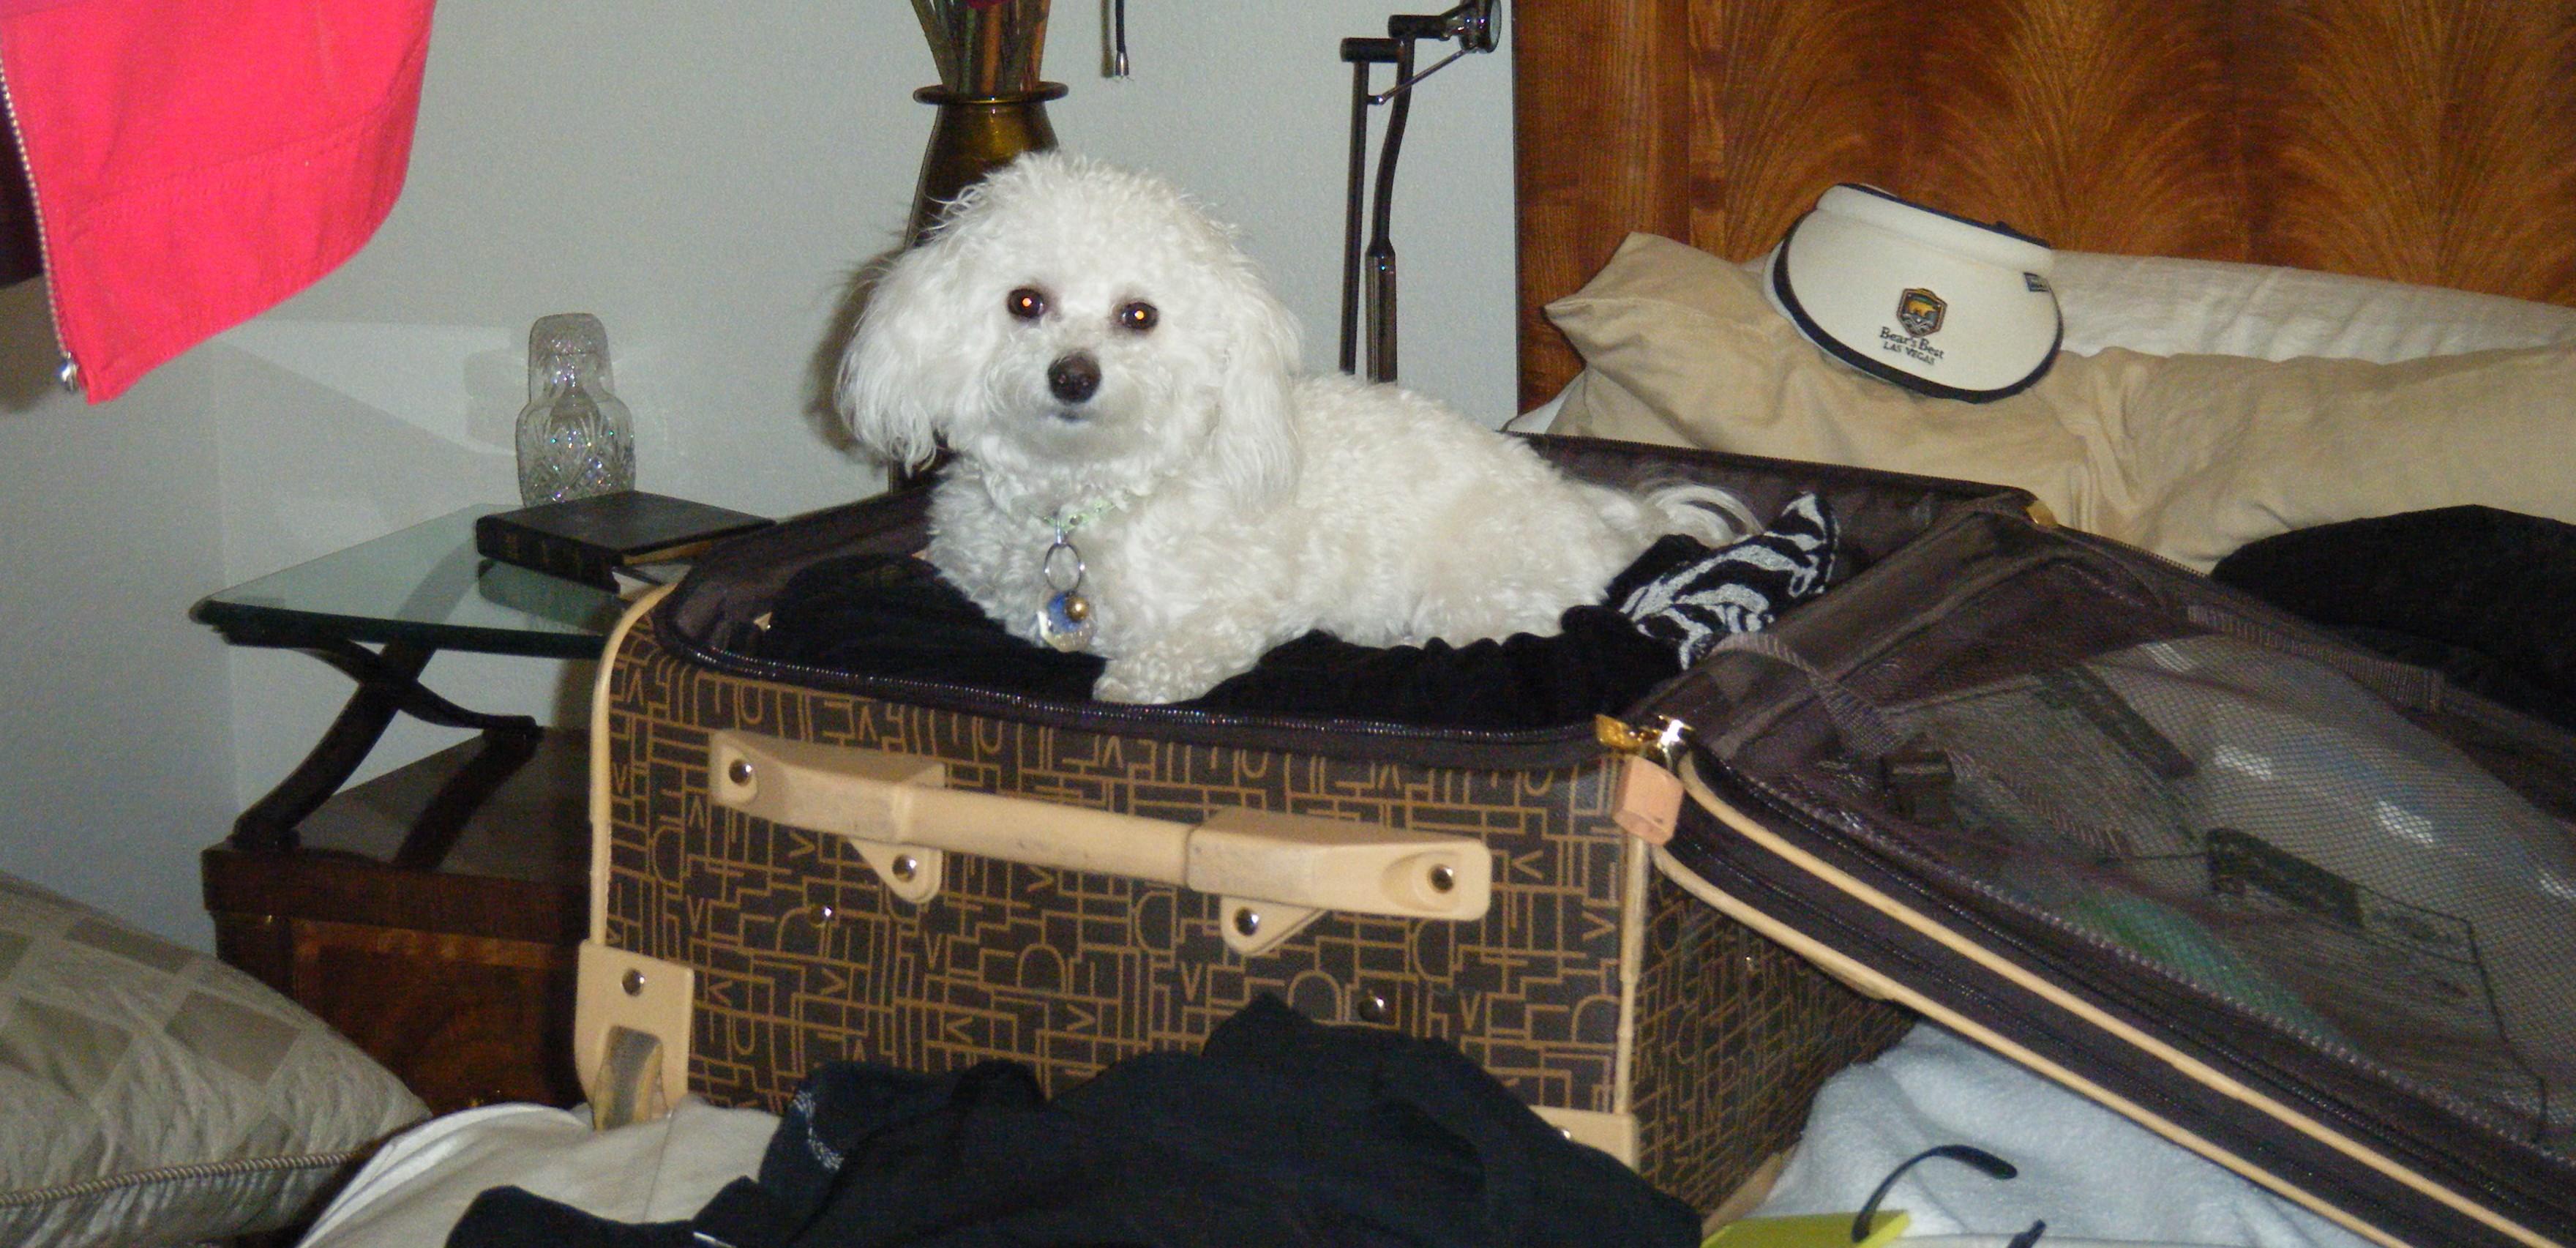 Sash in suitcase